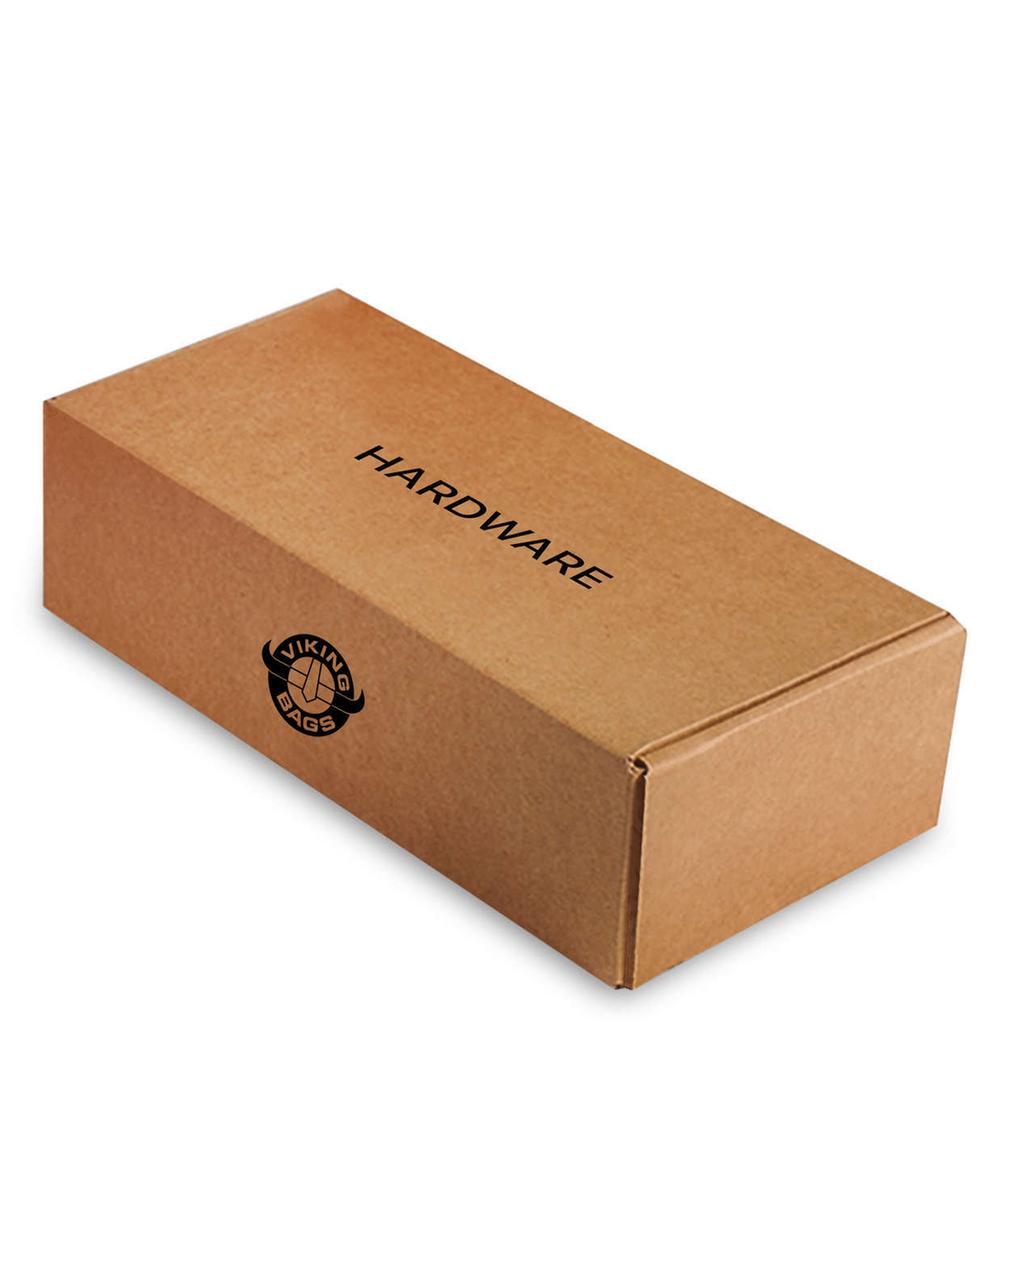 Viking Slanted Medium Motorcycle Saddlebags For Harley Dyna Switchback Hardware Box